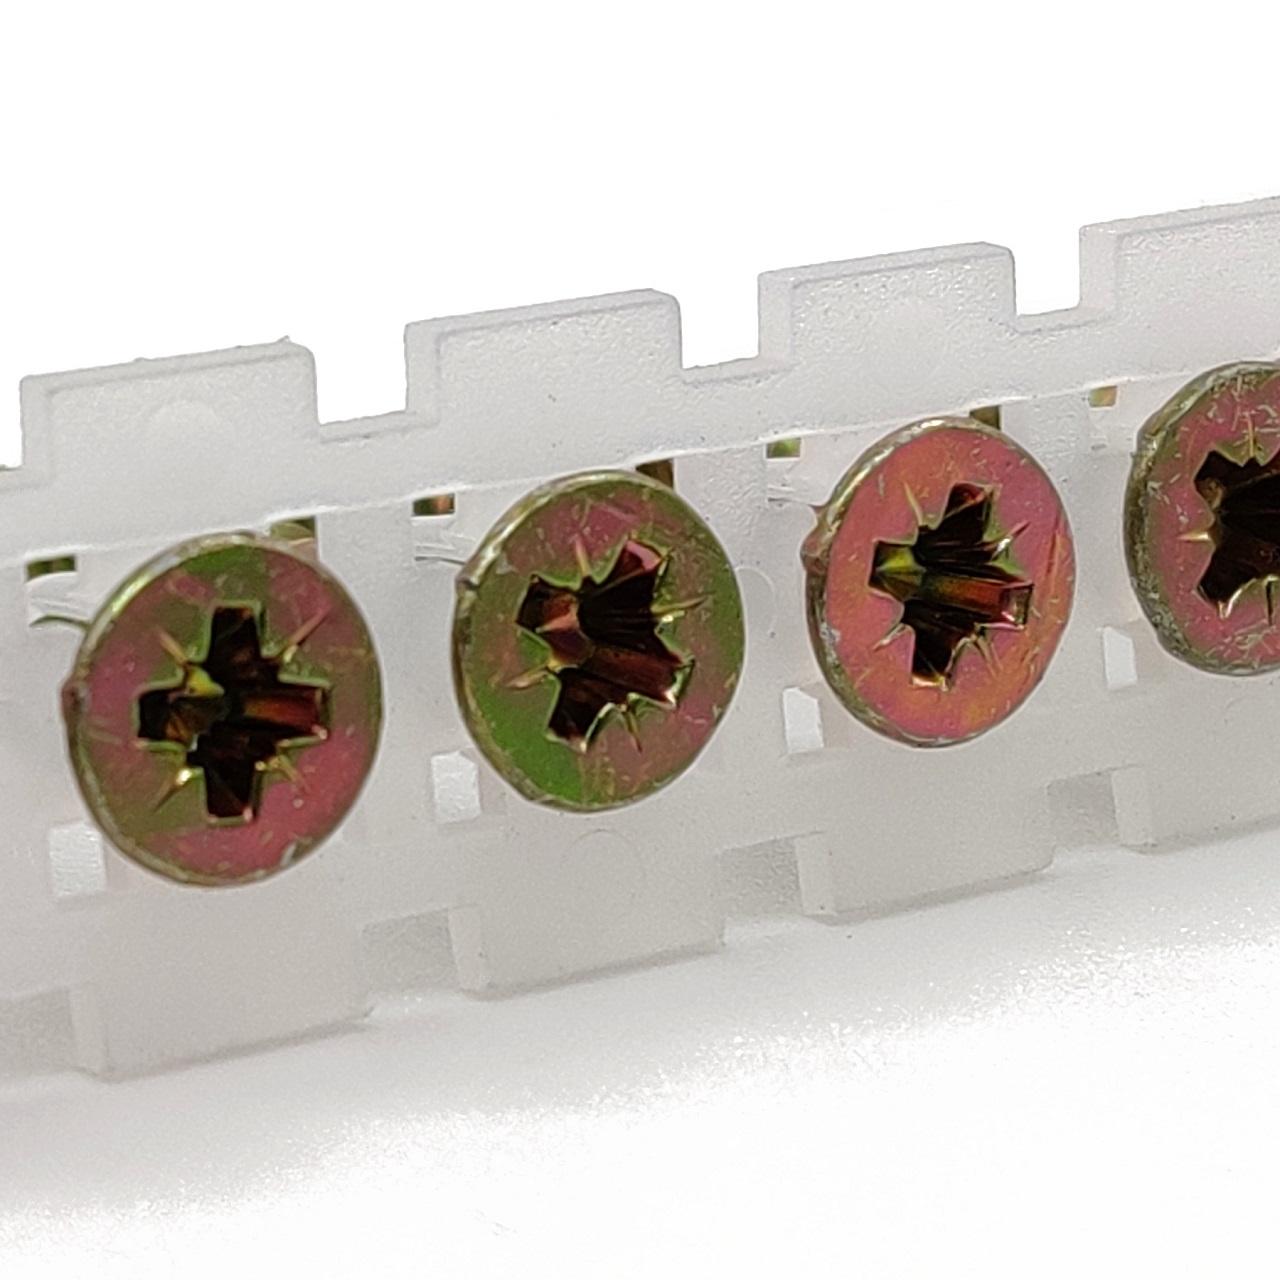 Magazinierte Universal Holzschrauben / Spanplattenschrauben   gelb verzinkt   Teilgewinde   4,0x50   1.000 Stk